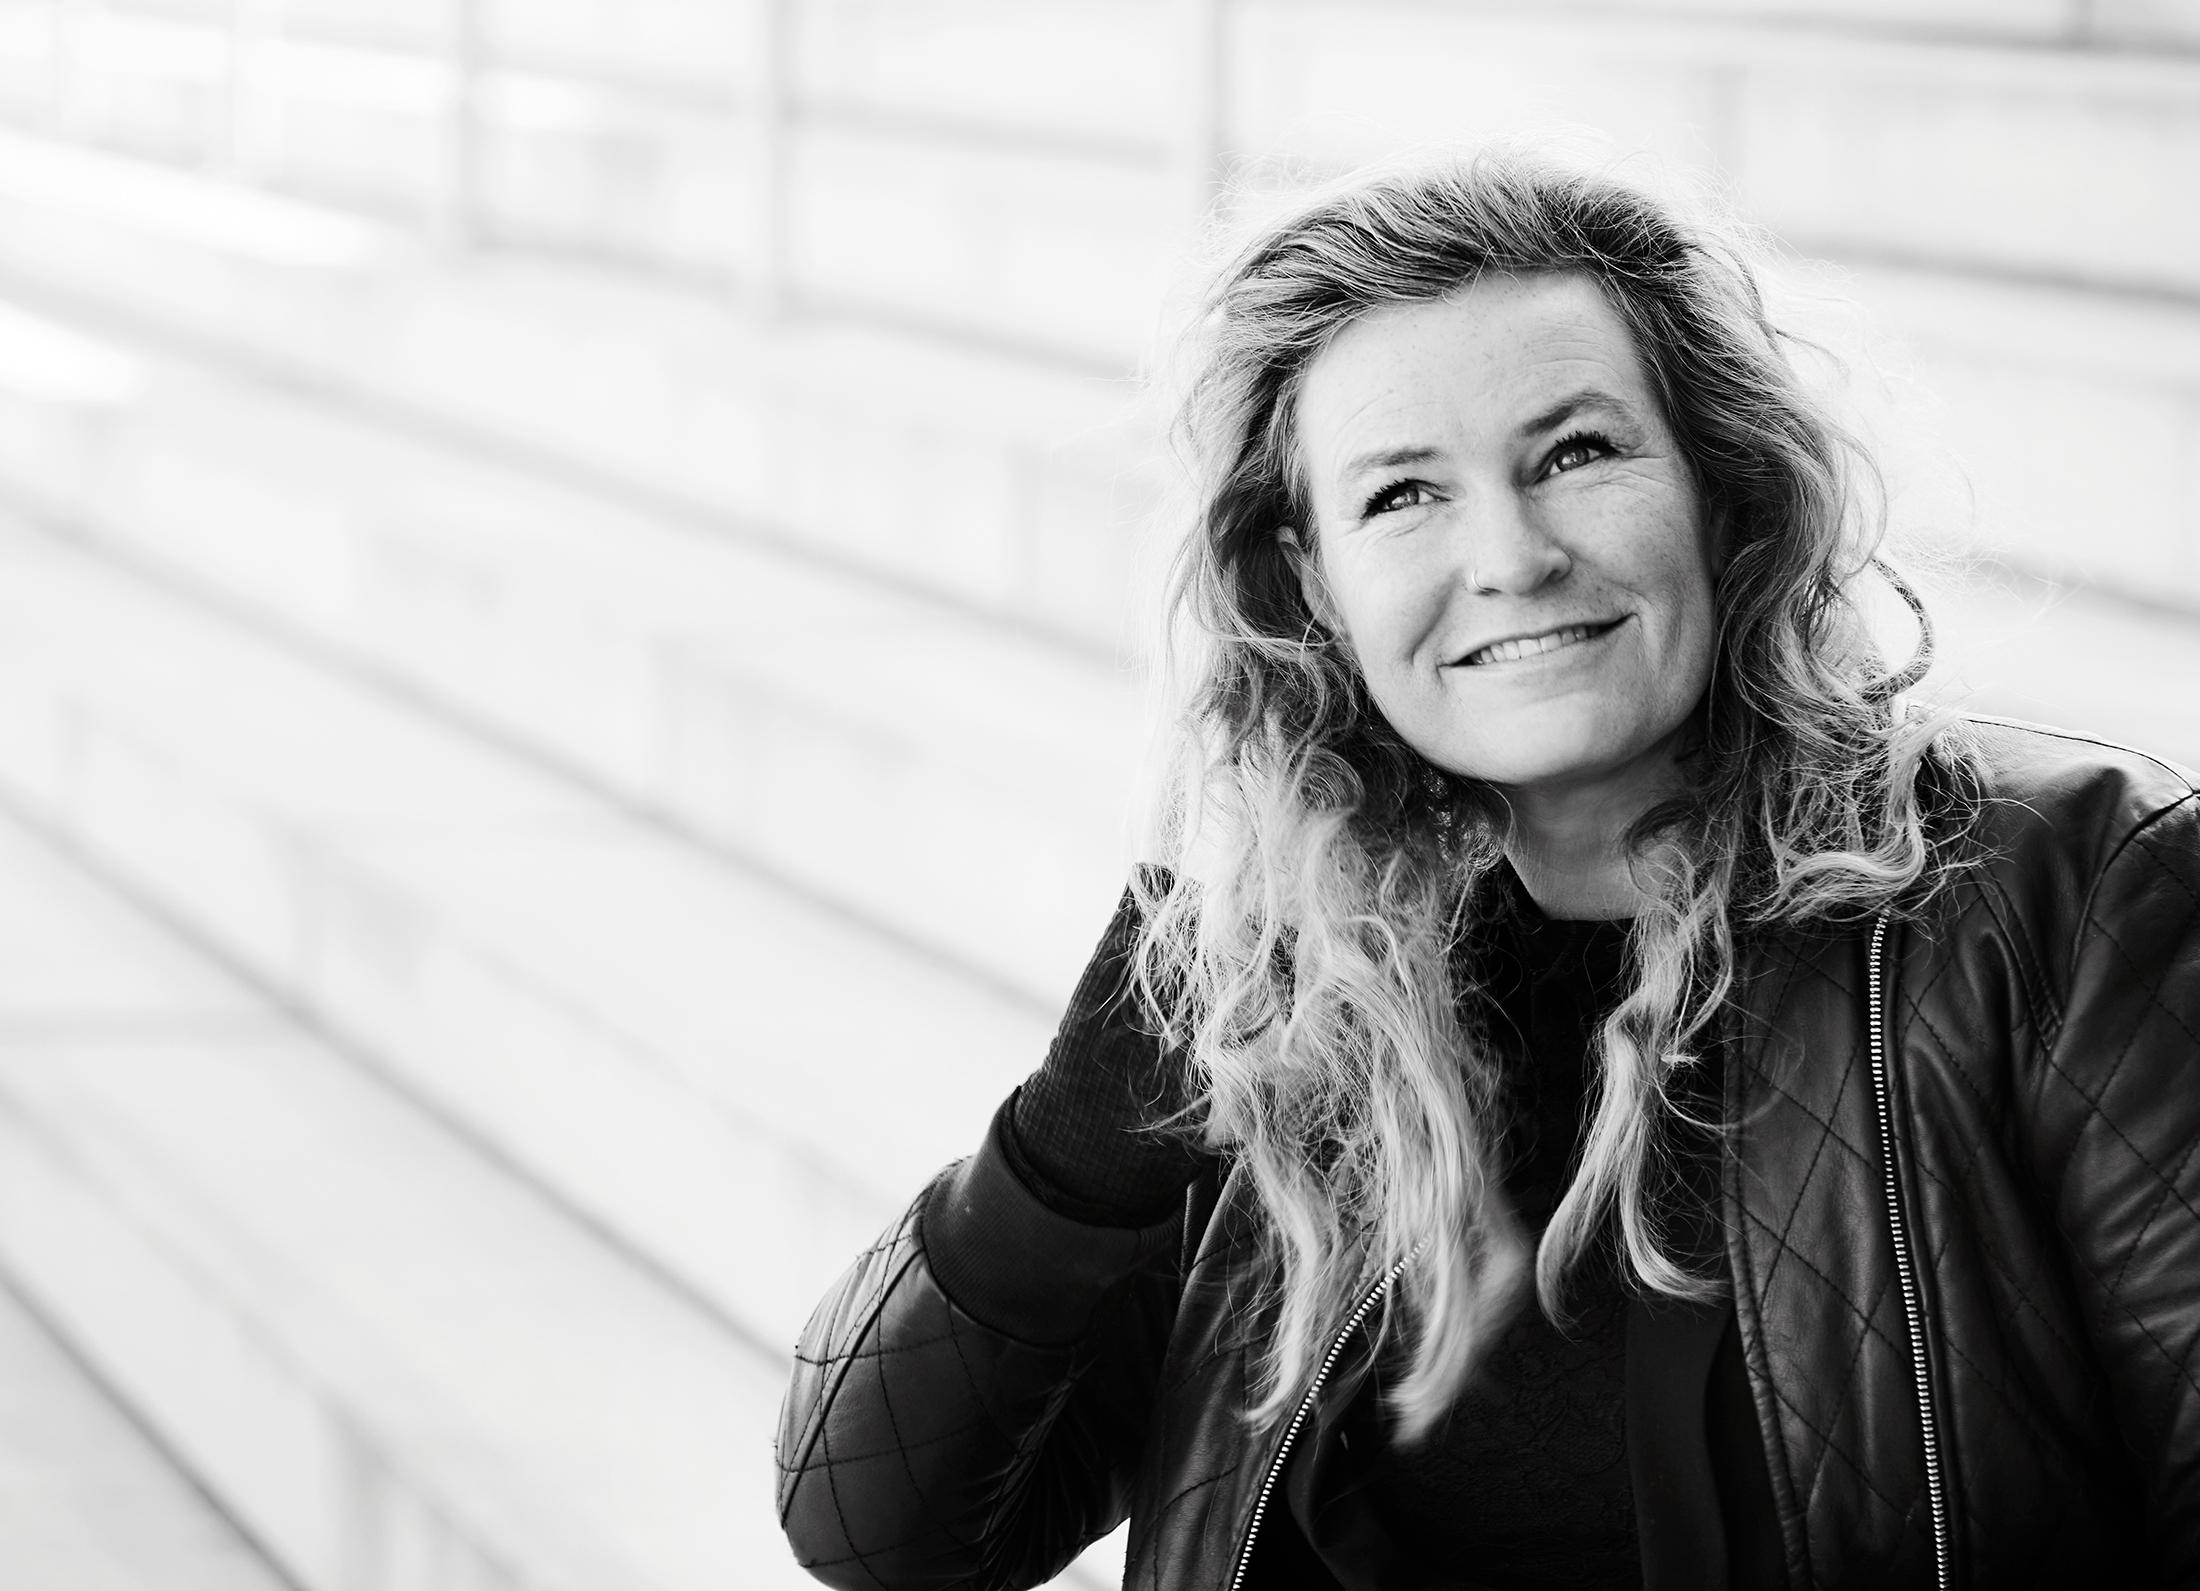 FAMILIE-      TERAPEUT, PERSONLIG COACH / SIGNE KJÆR HØIBERG